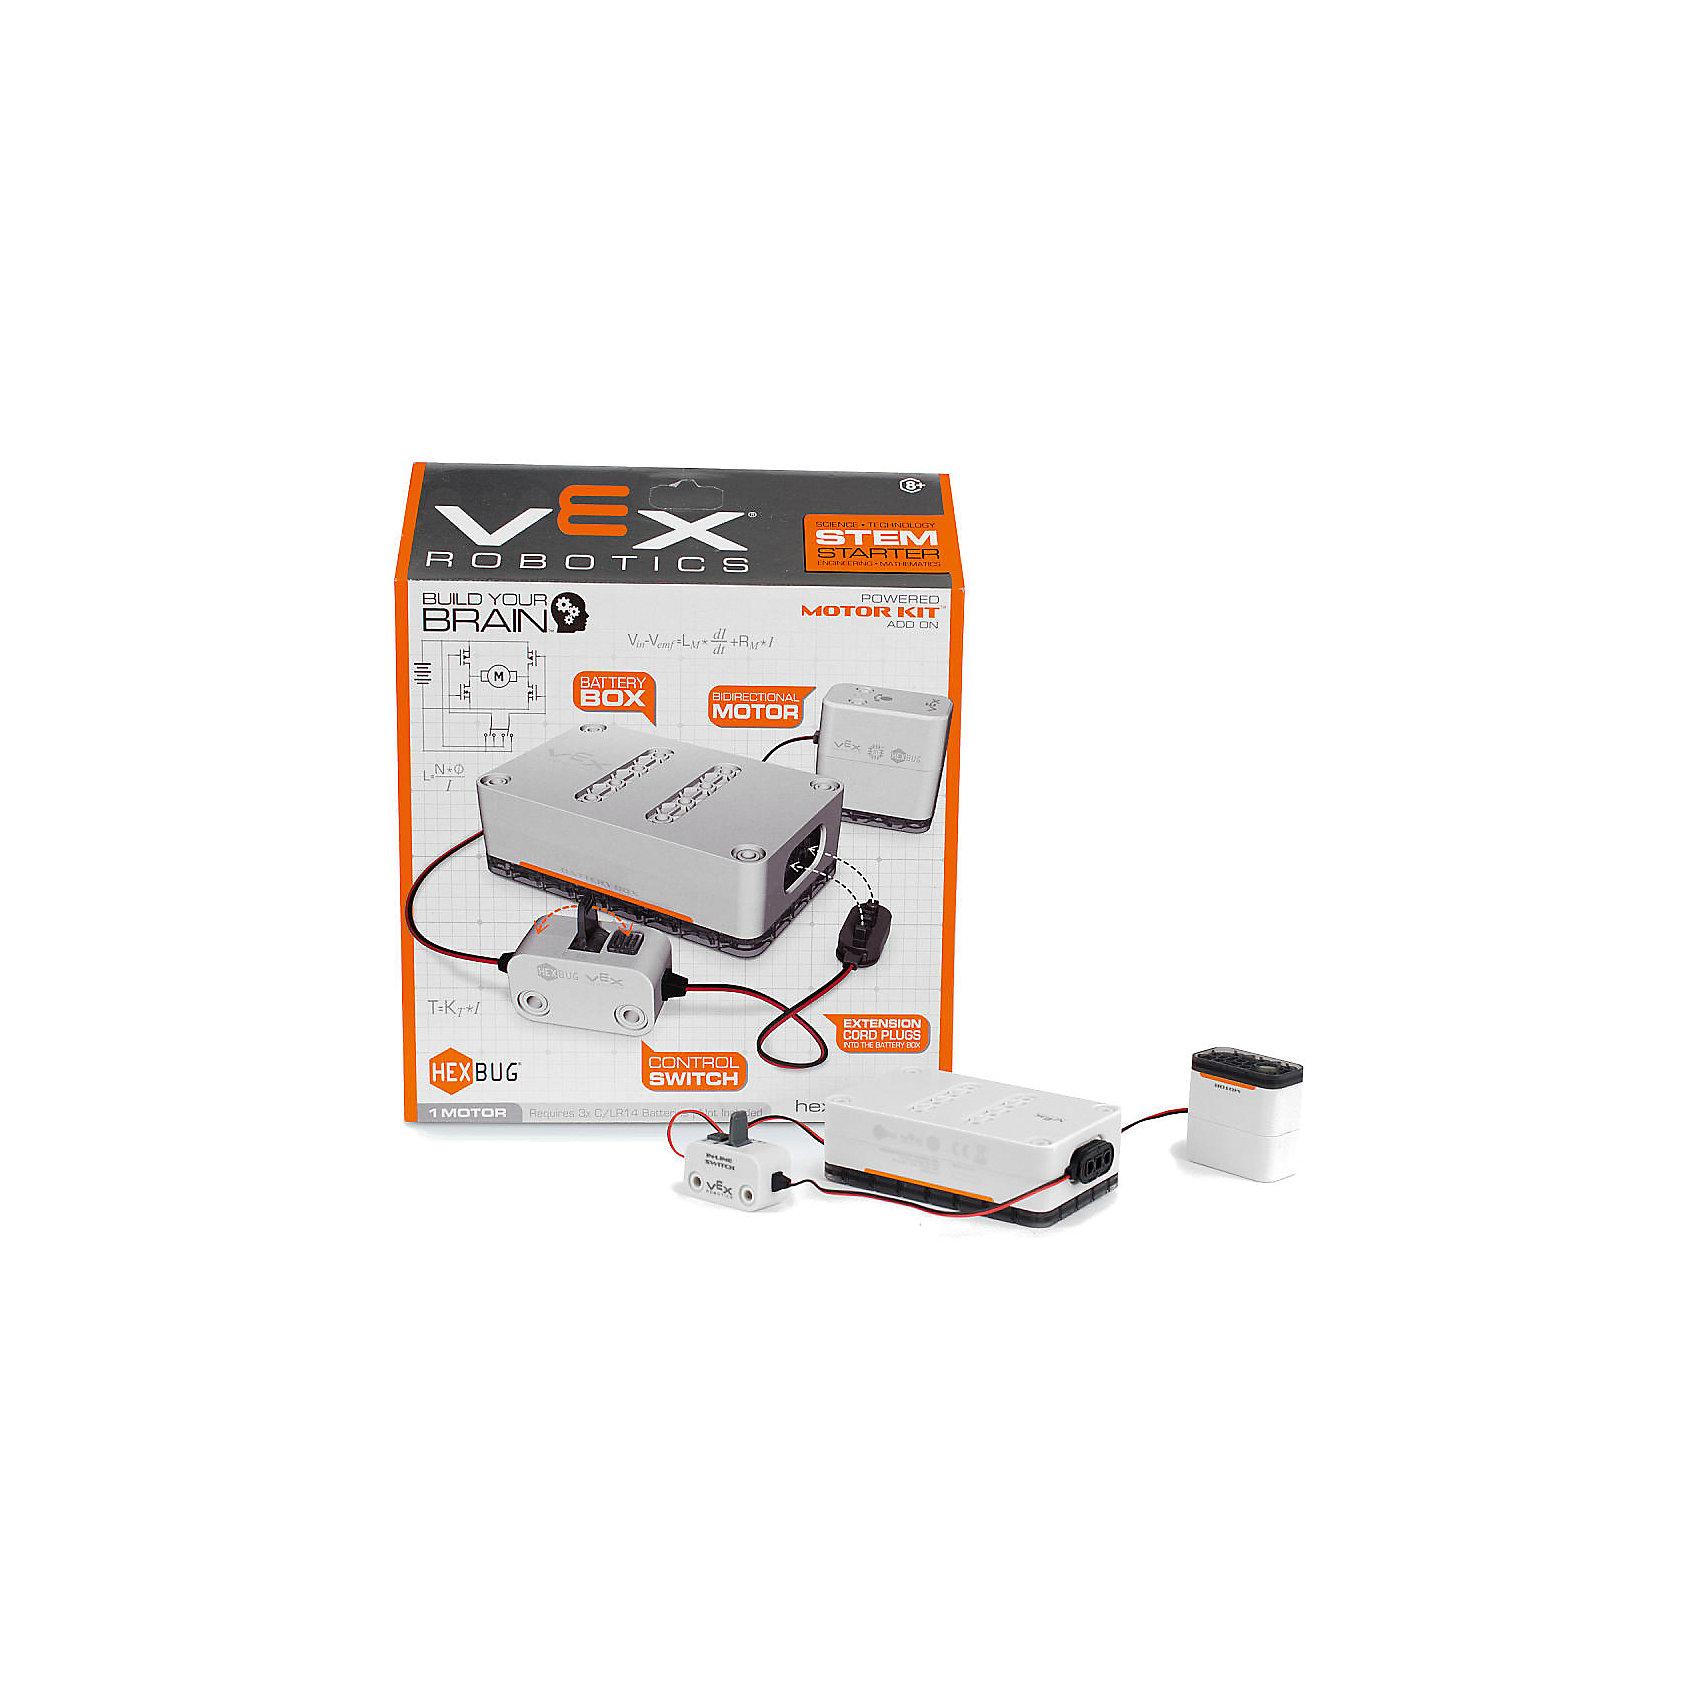 Игровой набор VEX Motor, HexbugИнтерактивные игрушки для малышей<br>Игровой набор VEX Motor, Hexbug (Хексбаг)<br><br>Характеристики:<br><br>• для конструкторов Vex<br>• материал: пластик, металл<br>• размер упаковки: 28х23х7 см<br>• вес: 255 грамм<br>• батарейки: С/LR14<br><br>Игровой набор VEX Motor предназначен для питания моделей конструкторов VEX. Набор работает от батареек C/LR14. Блок имеет переключатель включения/выключения. Изготовлен из пластика и металла.<br><br>Игровой набор VEX Motor, Hexbug (Хексбаг) вы можете купить в нашем интернет-магазине.<br><br>Ширина мм: 270<br>Глубина мм: 60<br>Высота мм: 260<br>Вес г: 253<br>Возраст от месяцев: 36<br>Возраст до месяцев: 2147483647<br>Пол: Унисекс<br>Возраст: Детский<br>SKU: 5506931